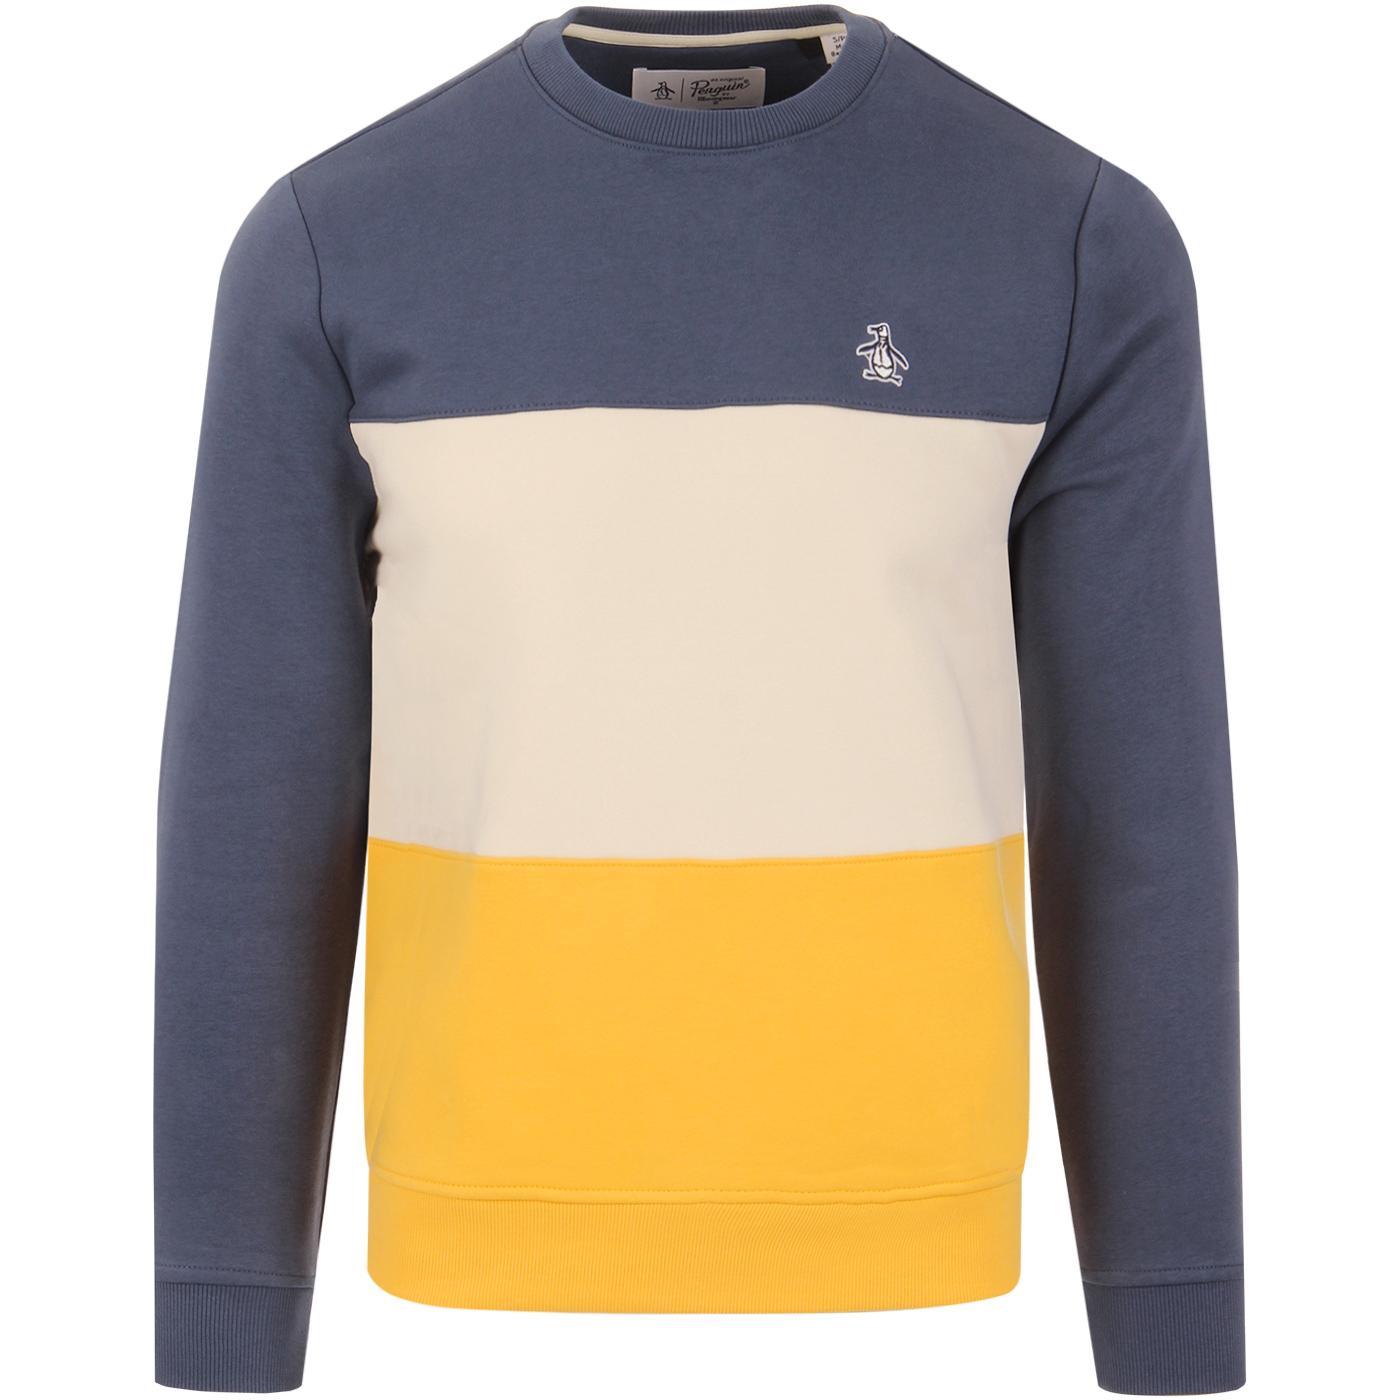 ORIGINAL PENGUIN Colour Block Fleece Back Sweater